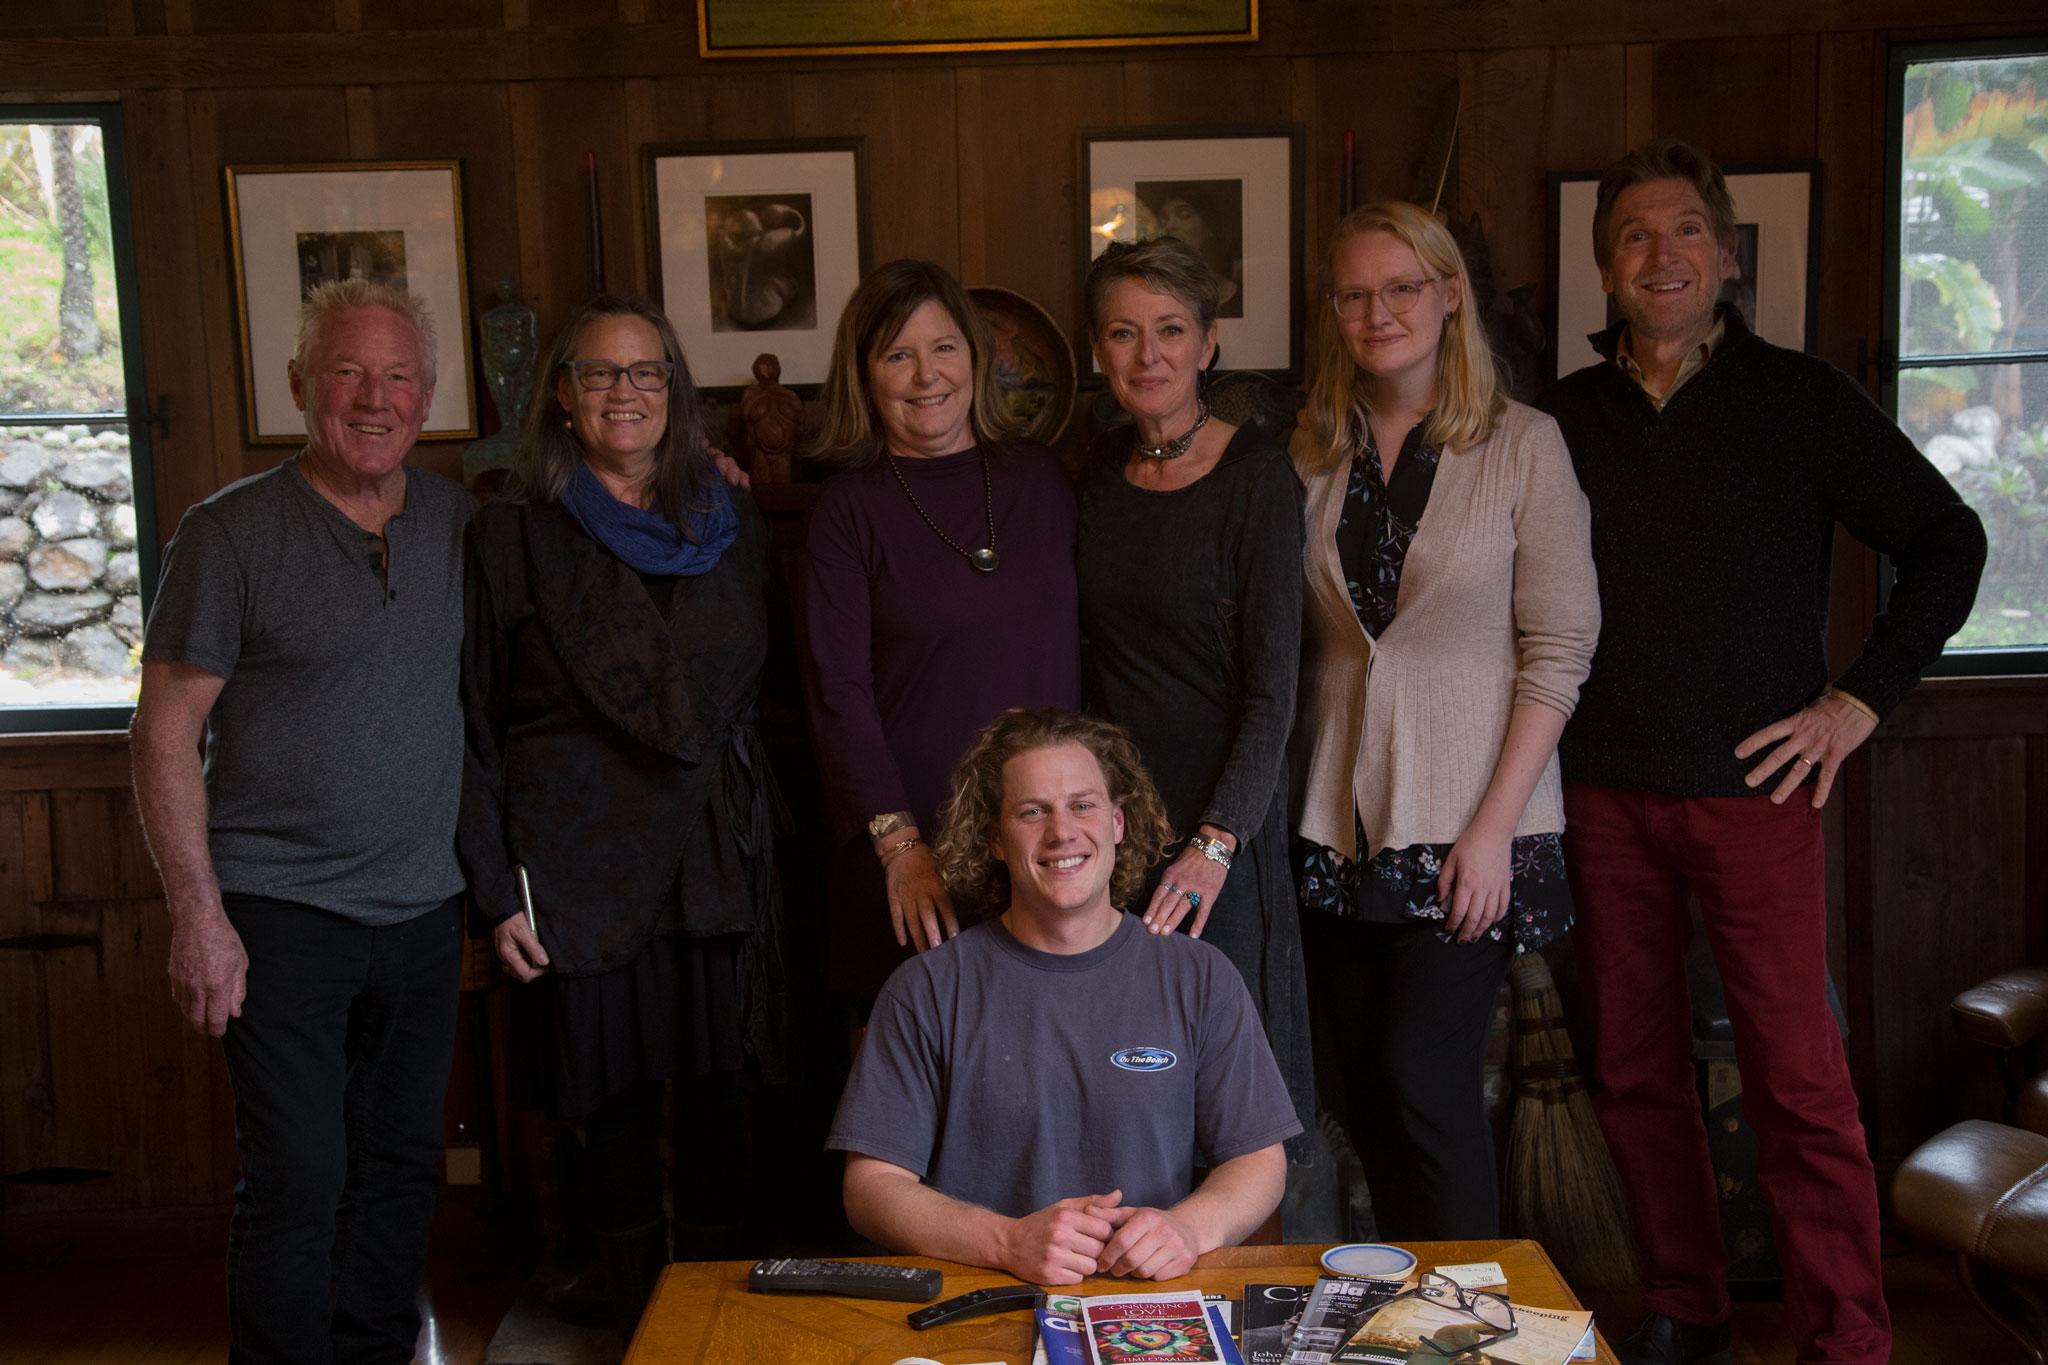 Kim Weston, Heidi Kirkpatrick, Anne Berry, Lori Vrba, Emma Powell, Brian Taylor and Zach Weston on Wildcat Hill